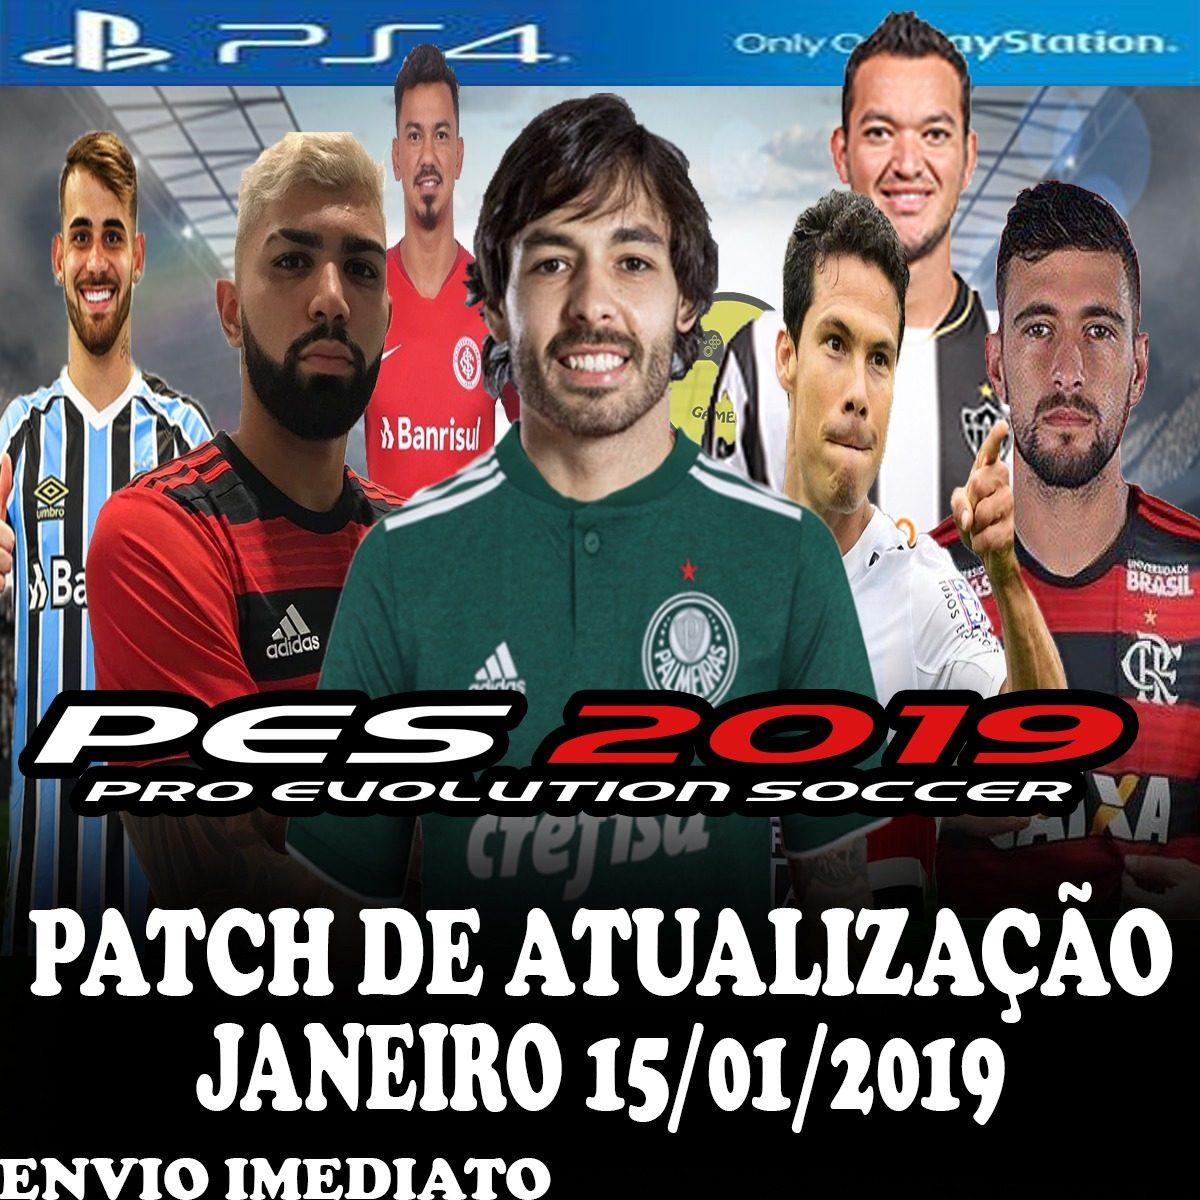 9aae4e4b2b Patch (atualização) Pes 2019 Ps4 Envio Imediato - R  14